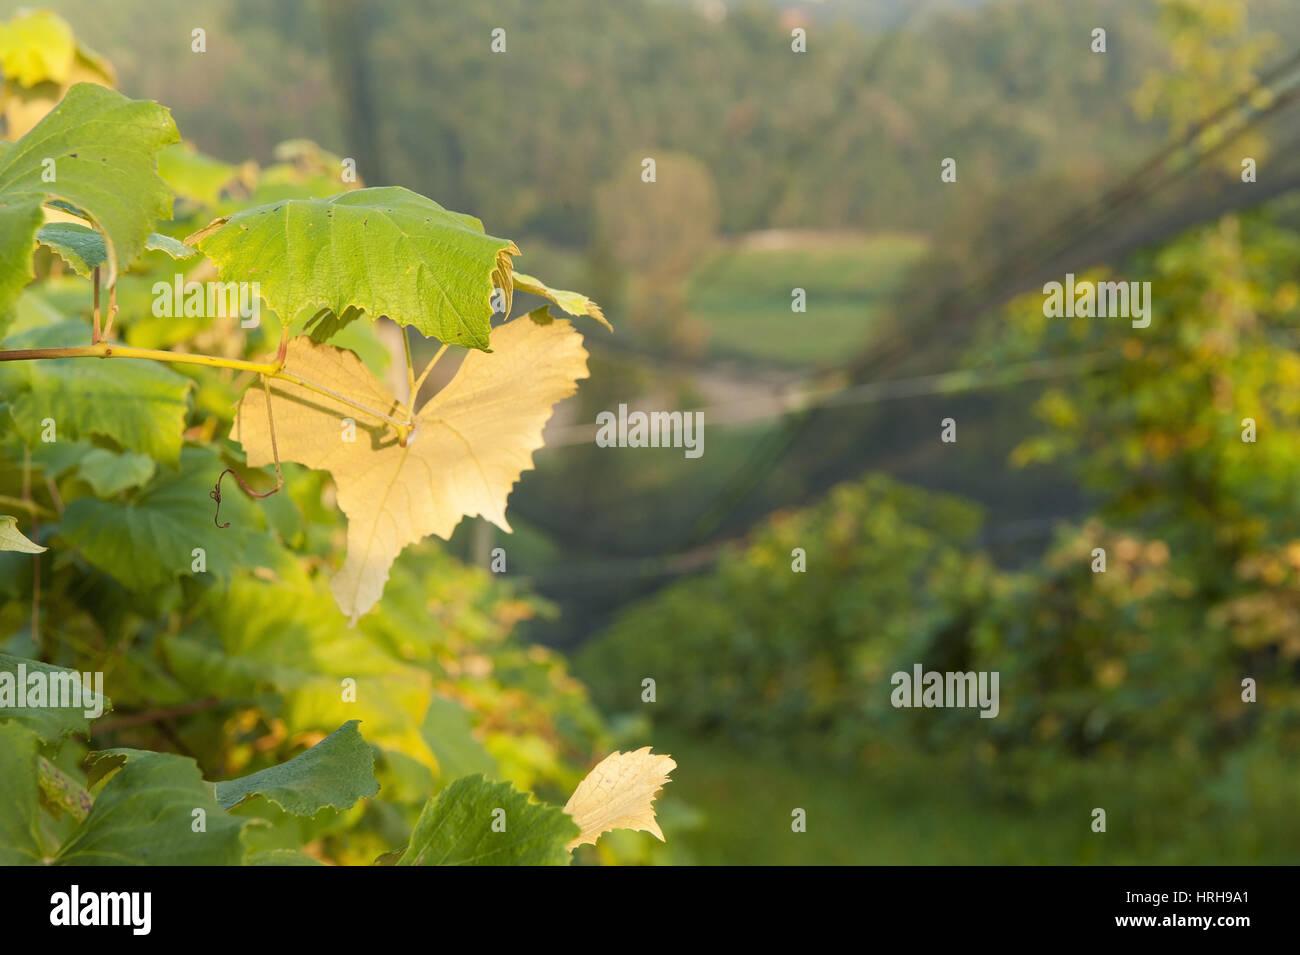 Weinberg mit Hagelnetz - vineyard with hail net Stock Photo